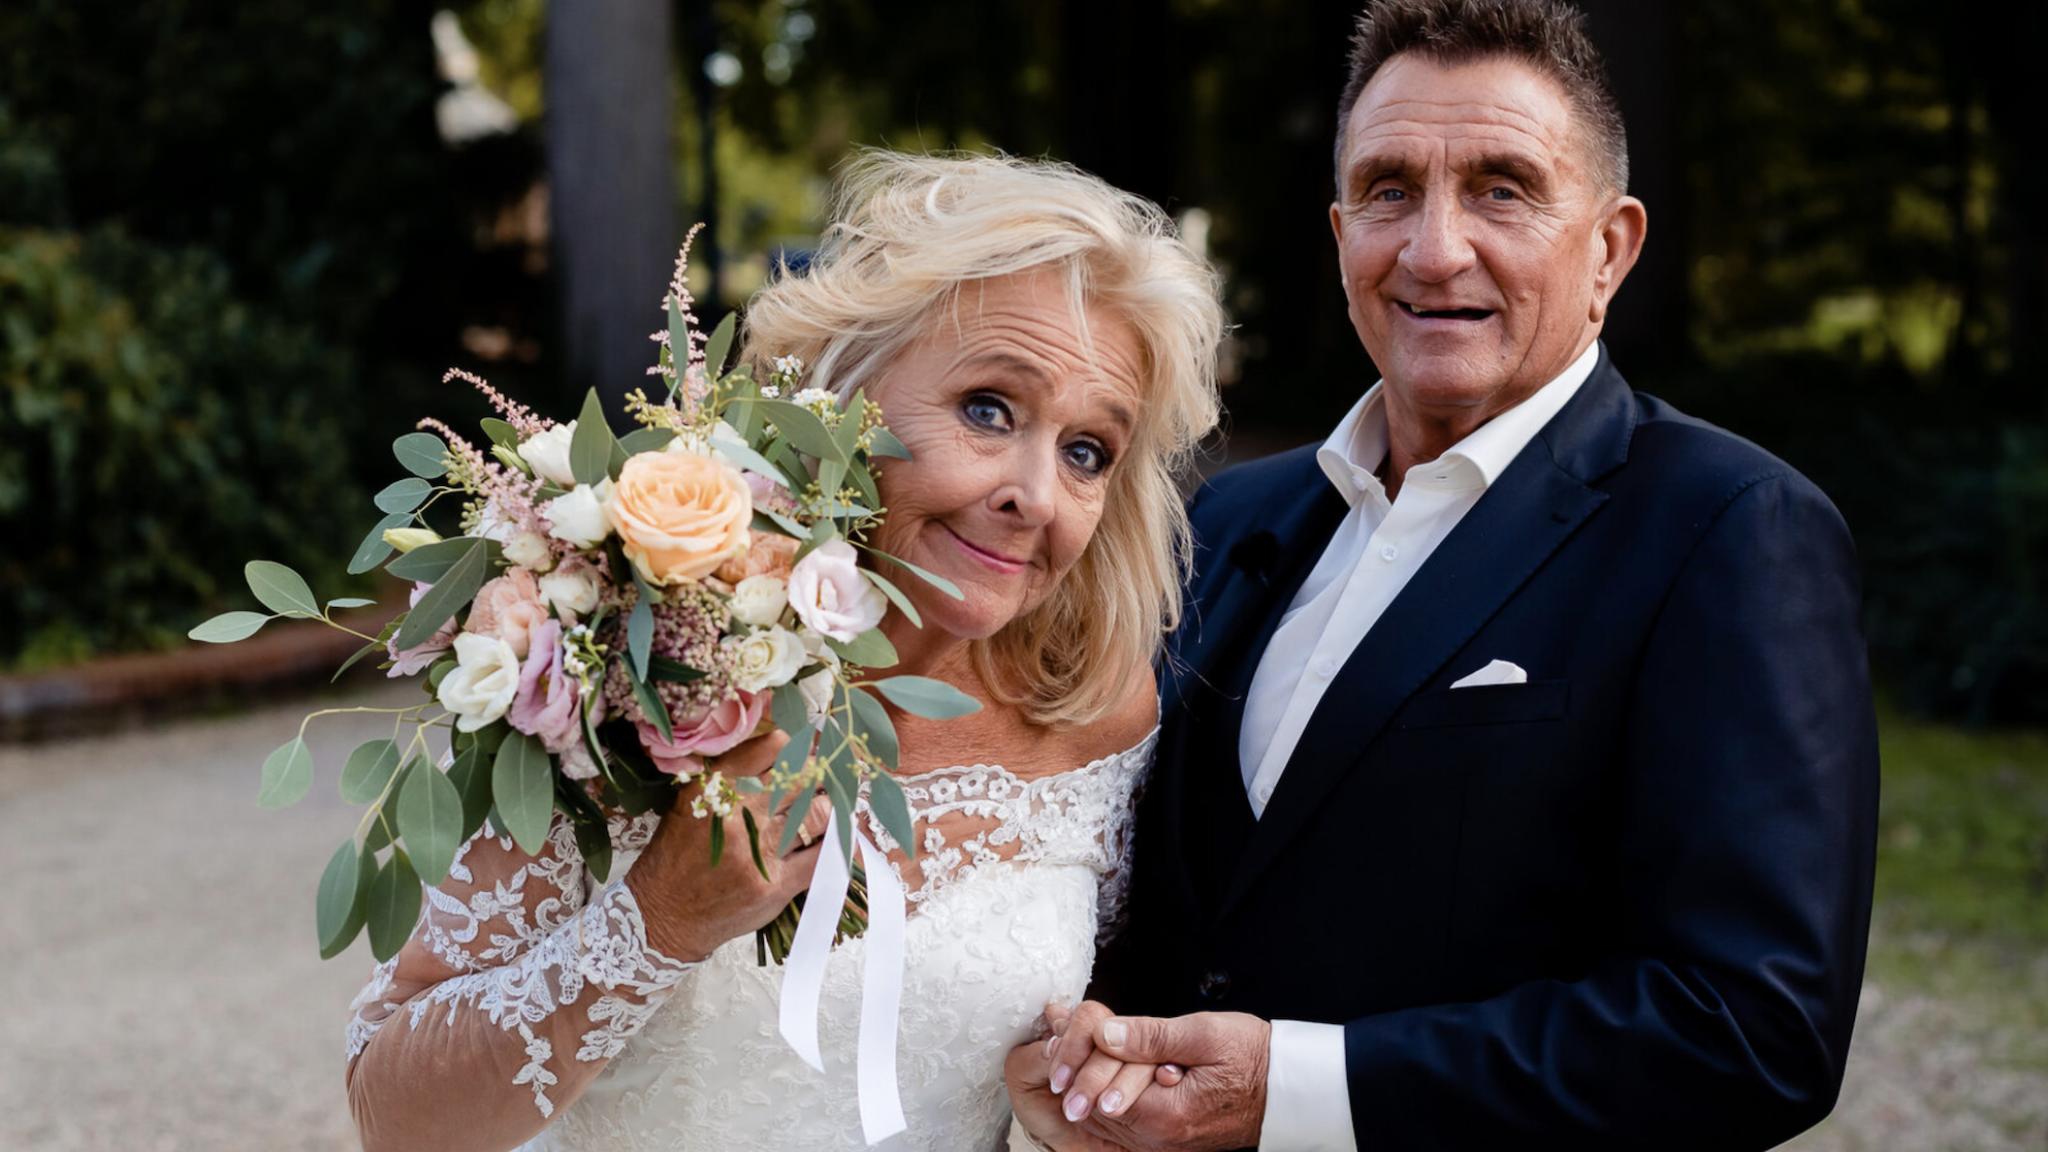 Sylvia uit MAFS overladen met lieve kaartjes: 'Heel erg blij mee' - RTL Boulevard